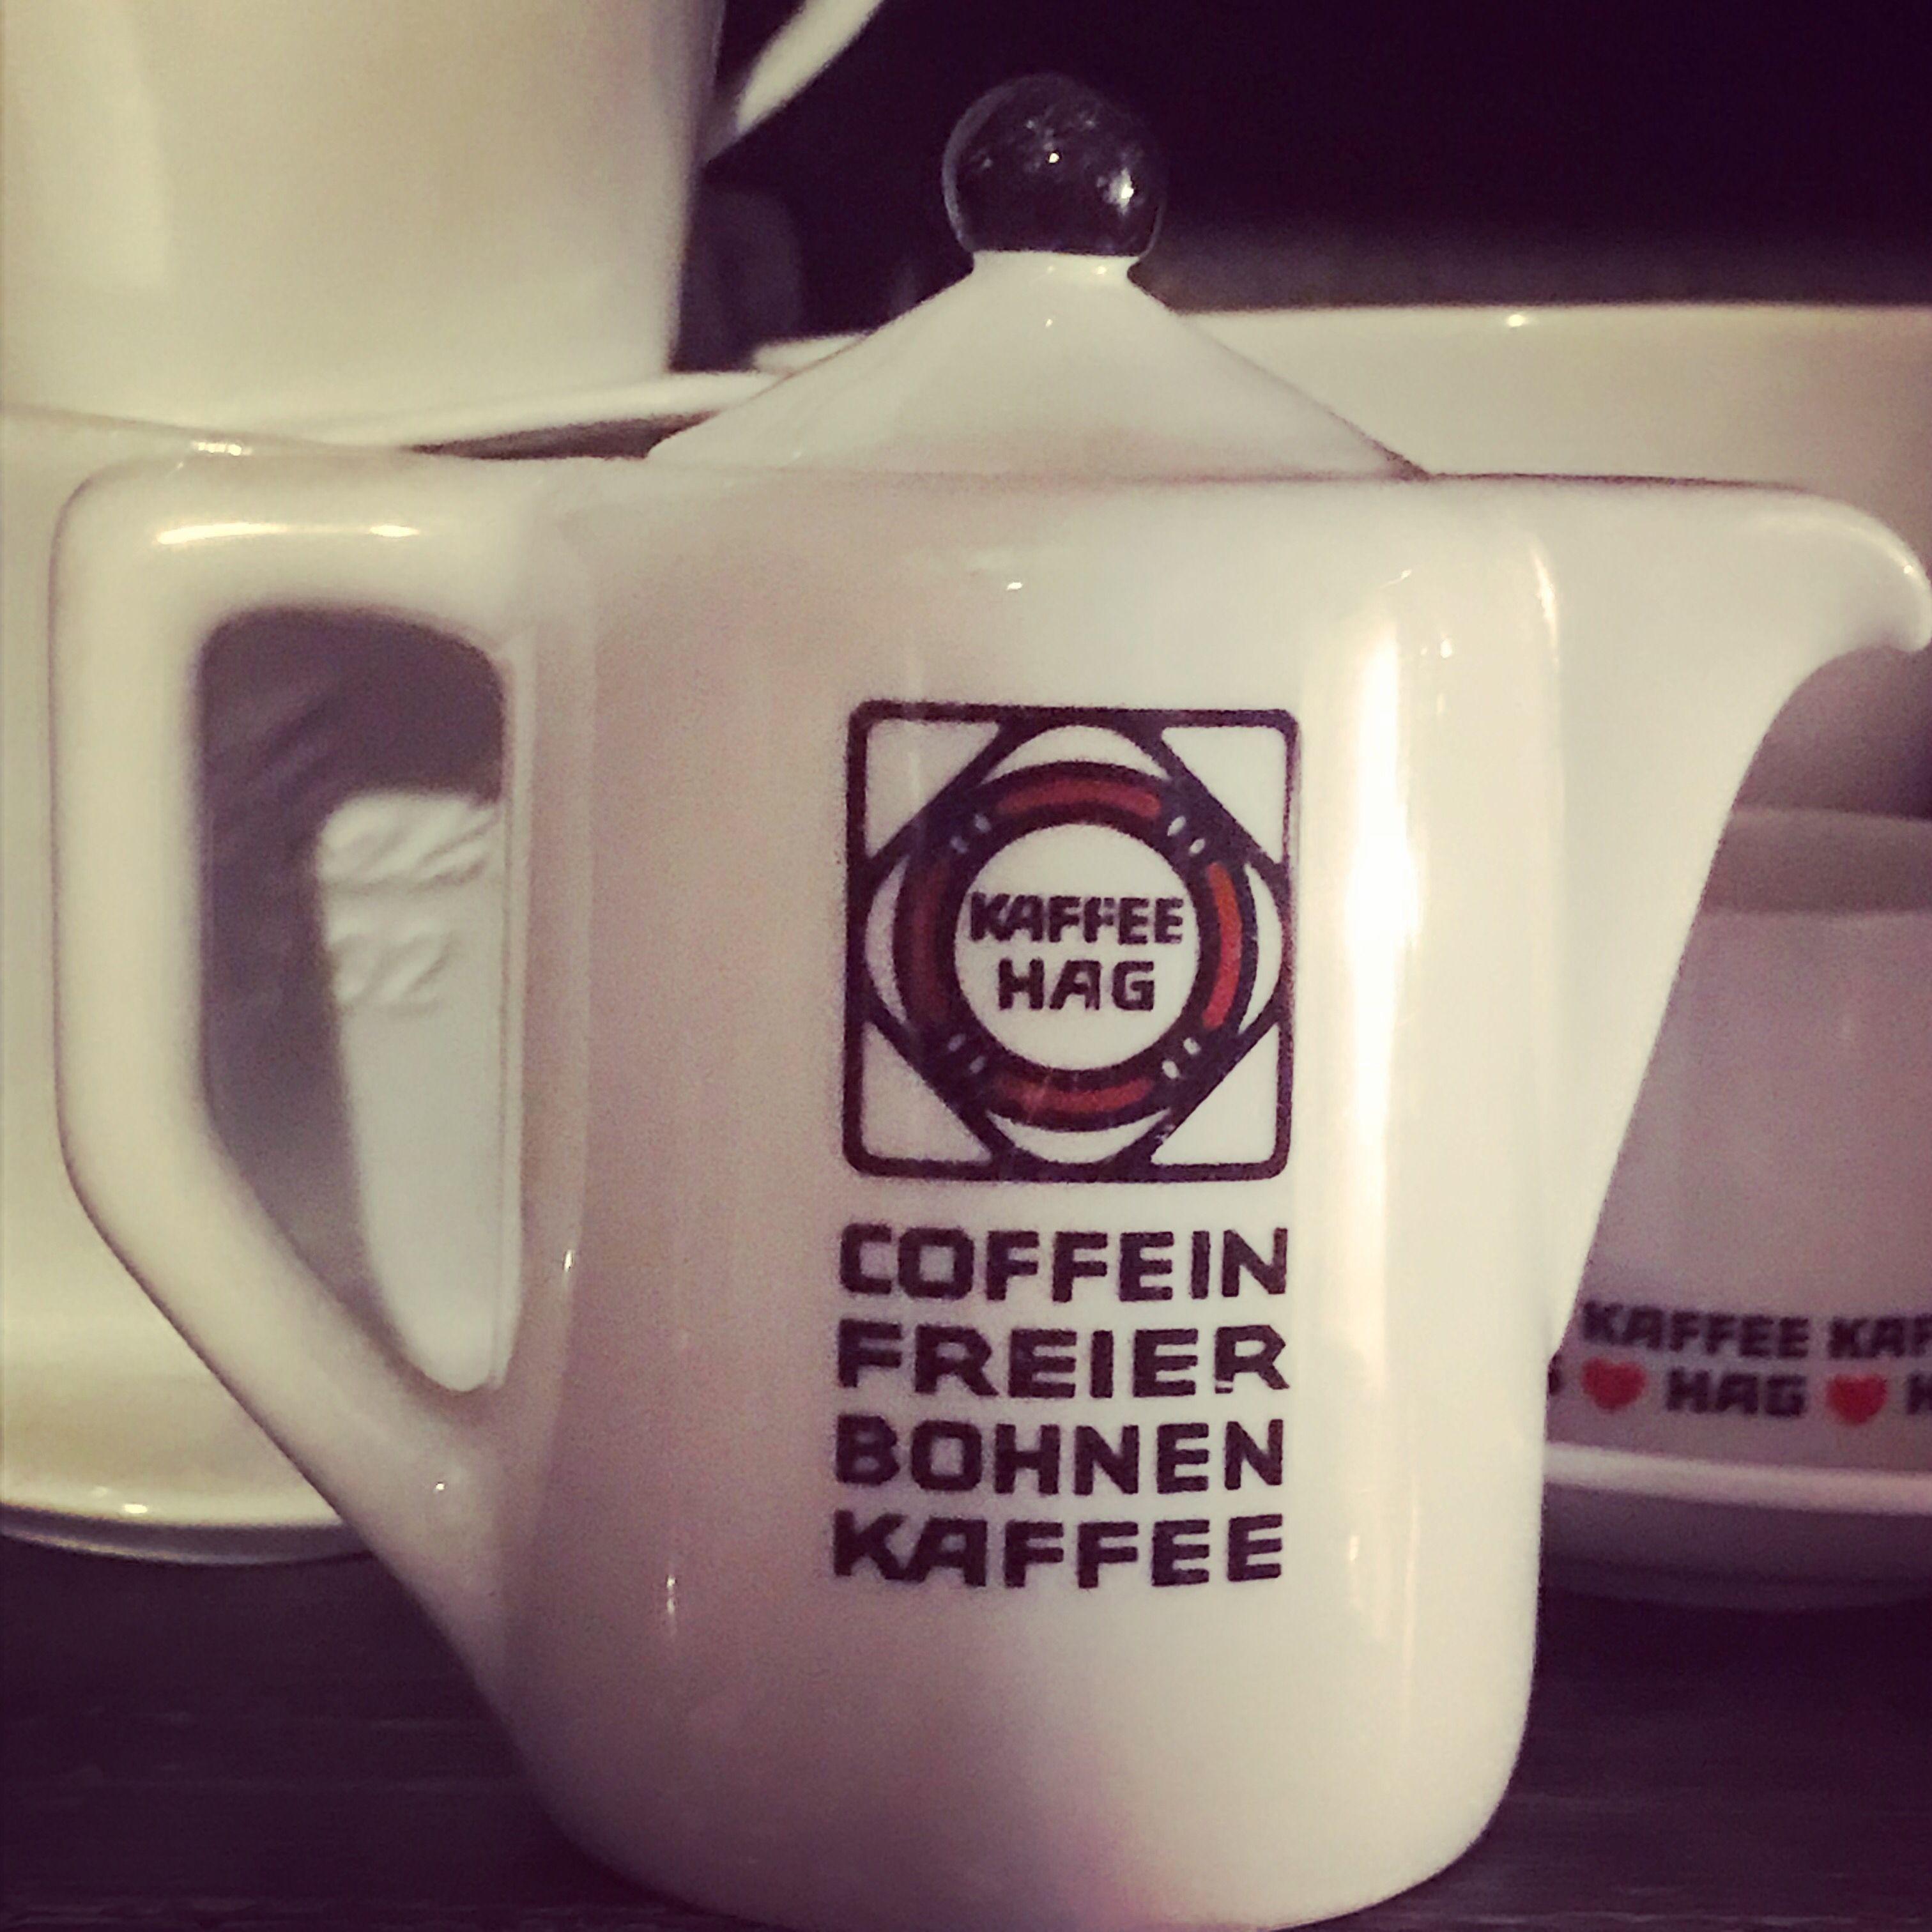 Vintage Kaffee Hag Kännchen Kaffee Hag Kaffee Vintage